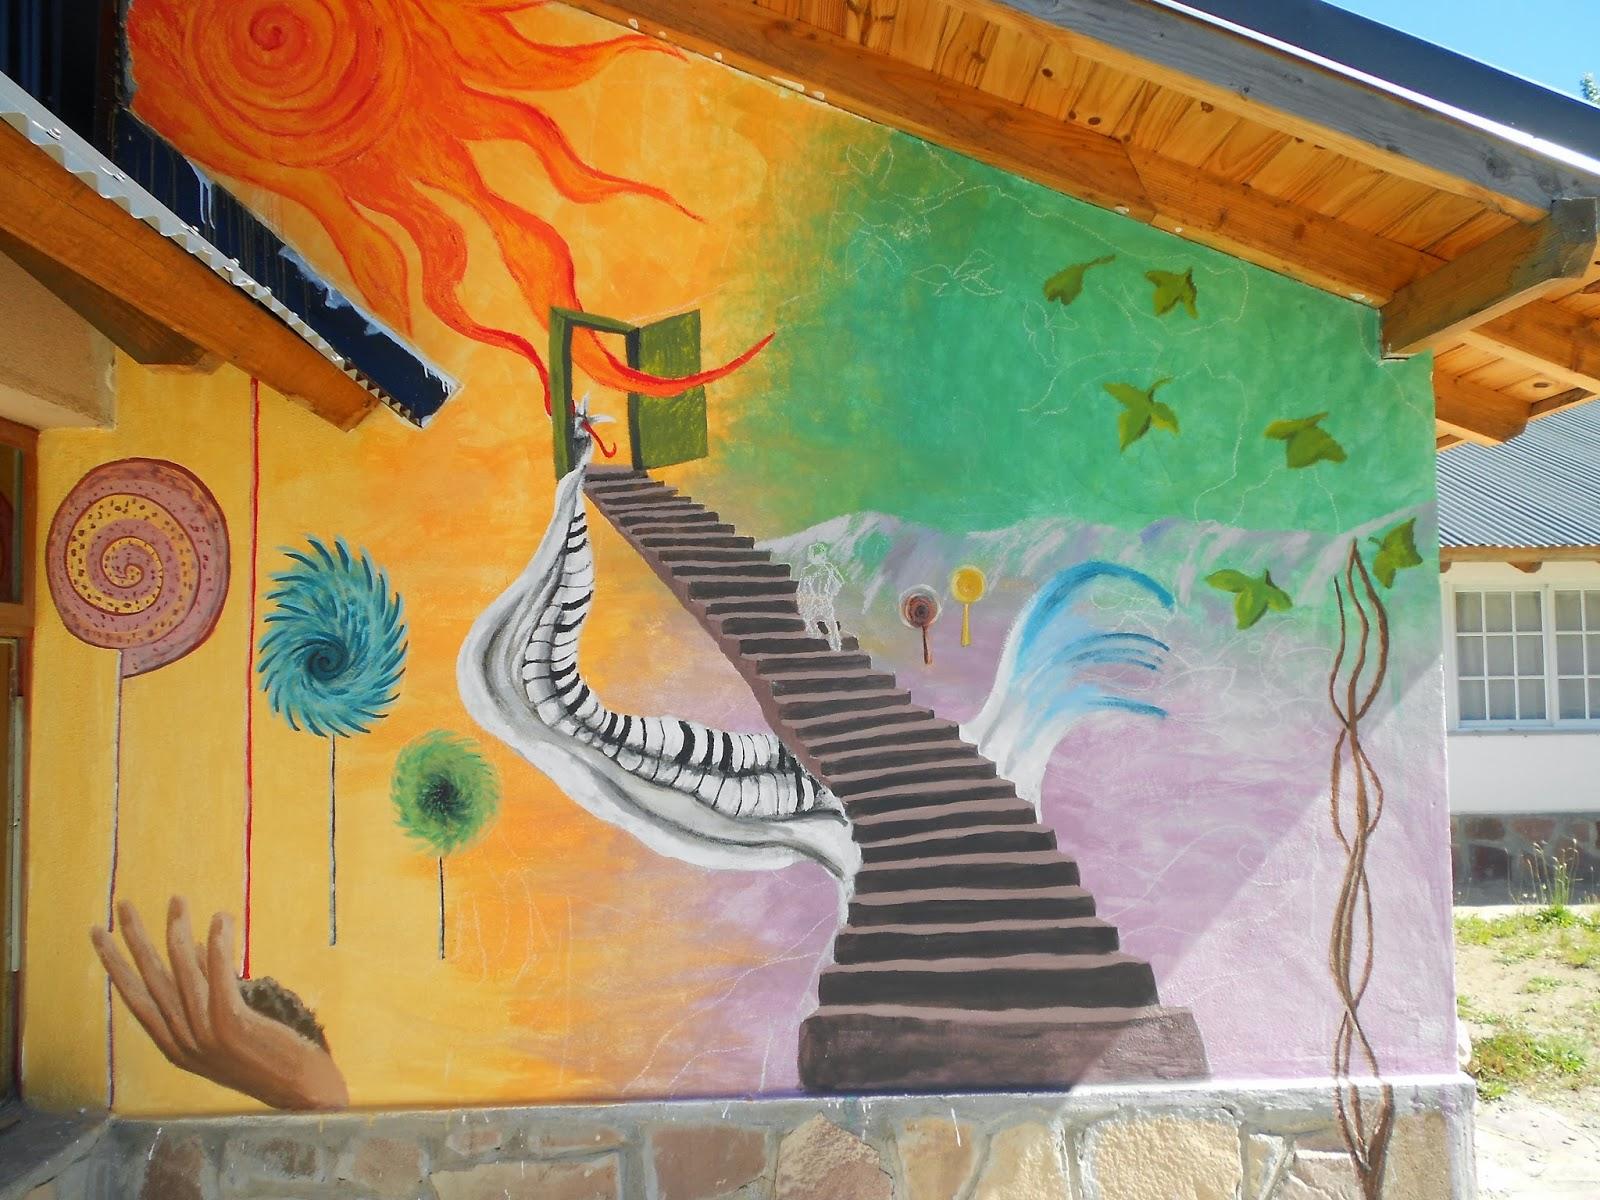 Escuela de arte la llave mural colectivo para la escuela for Arte colectivo mural